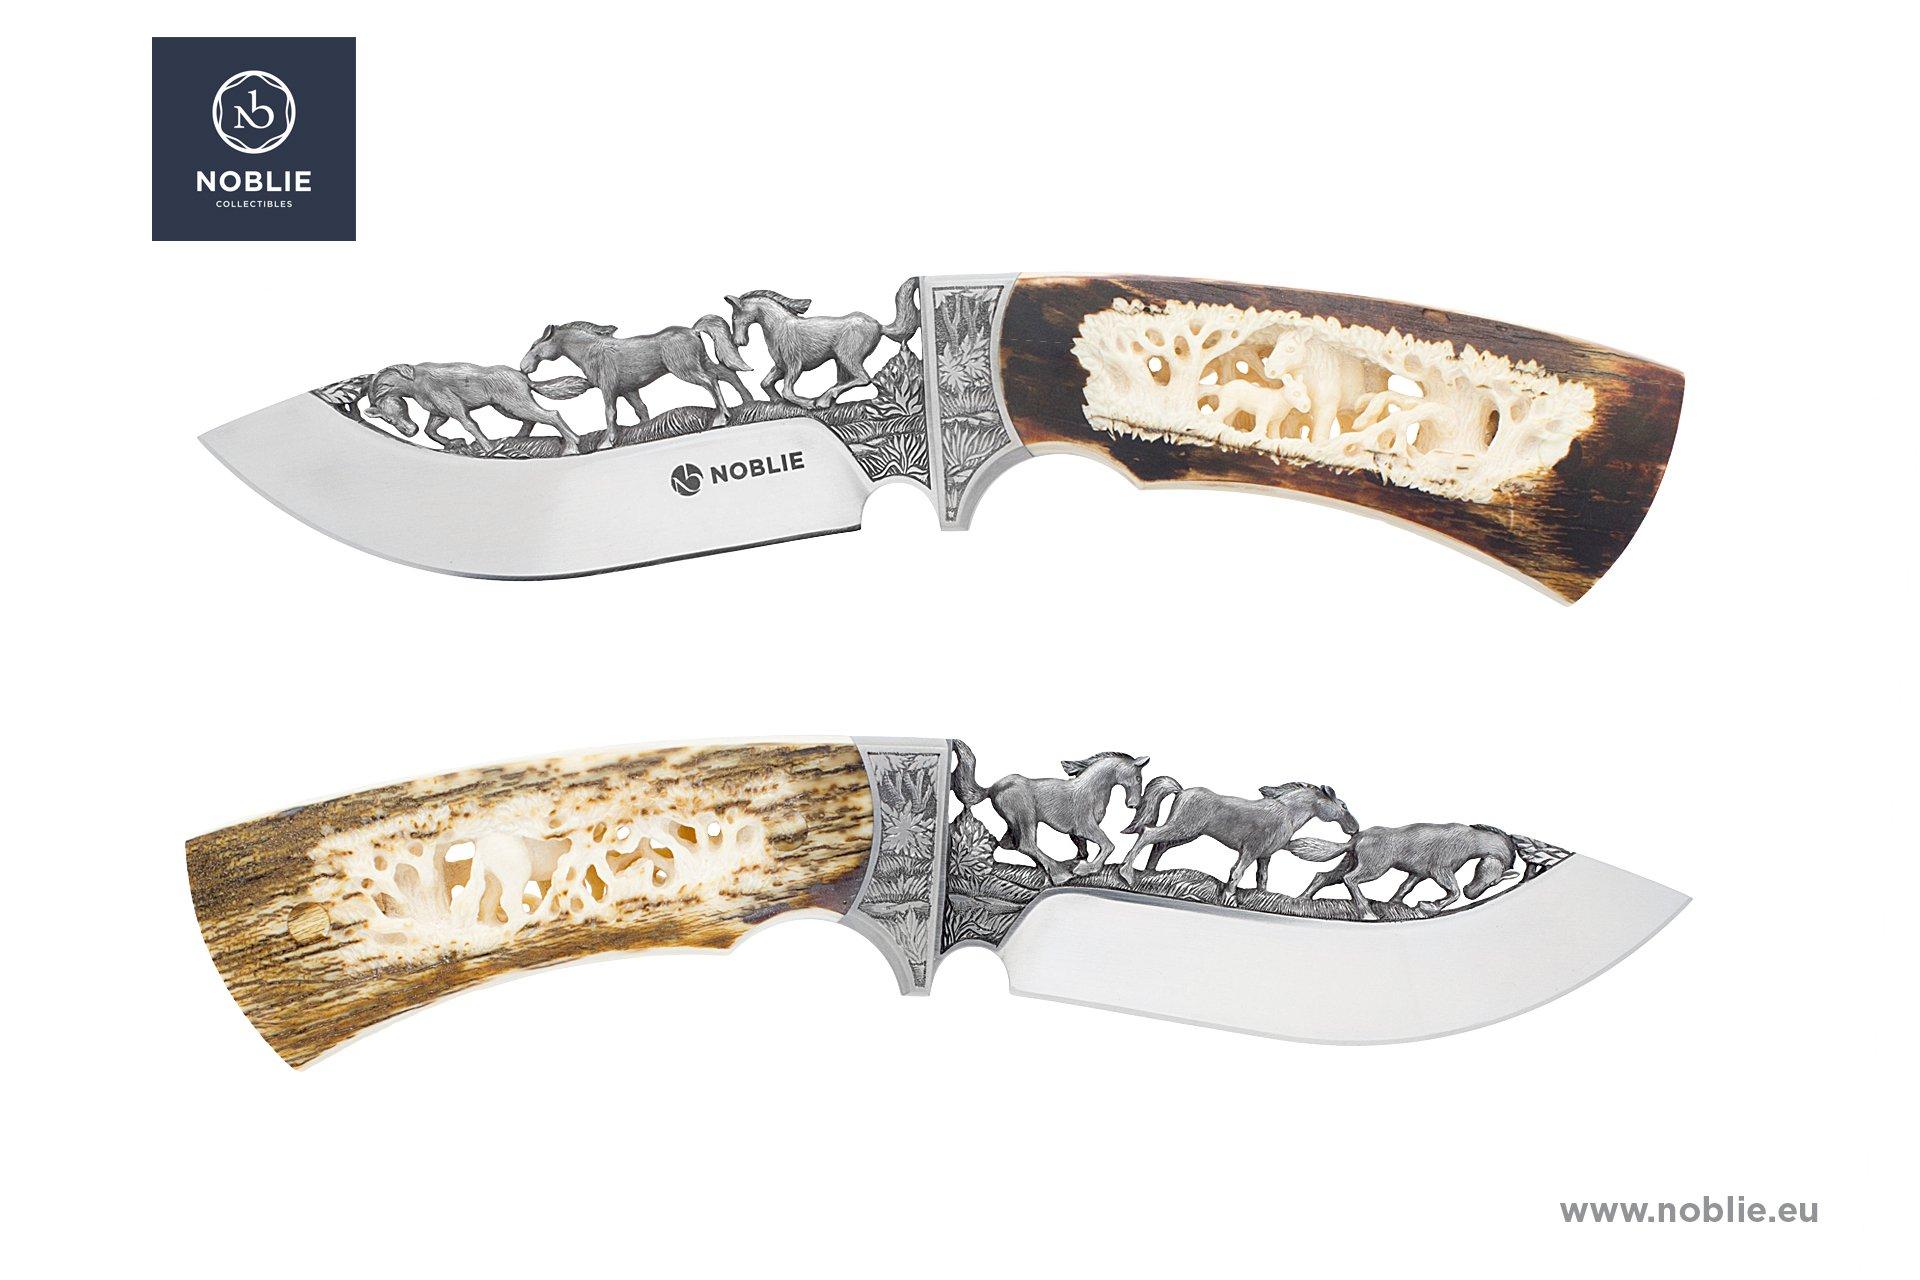 Modern art of custom knifemaking